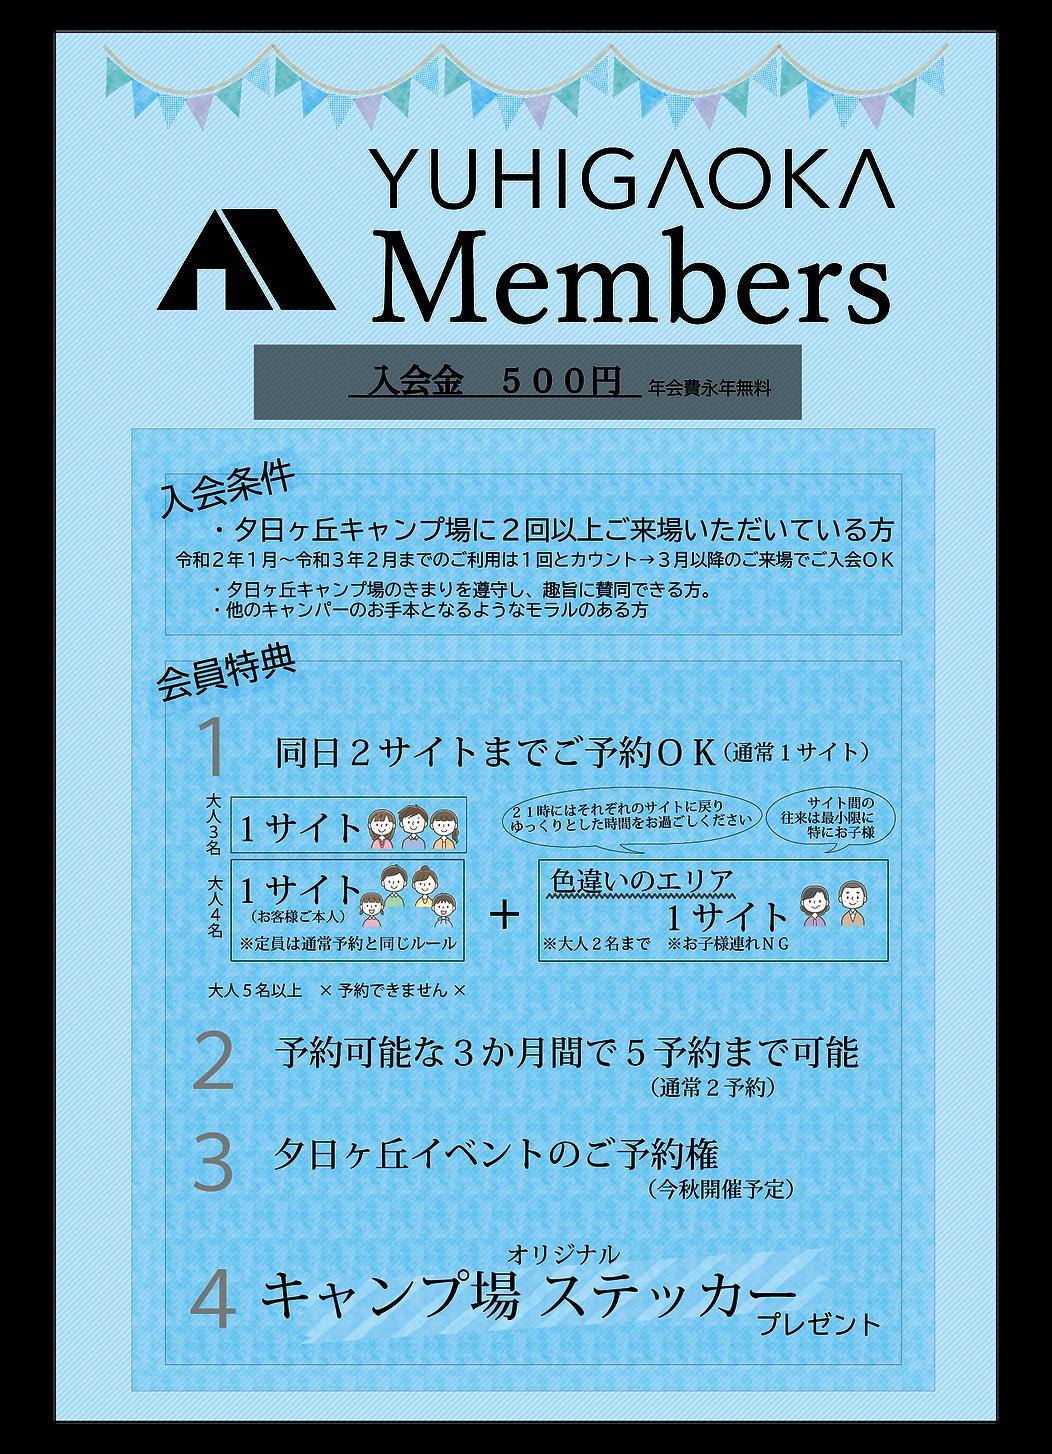 会員登録.png